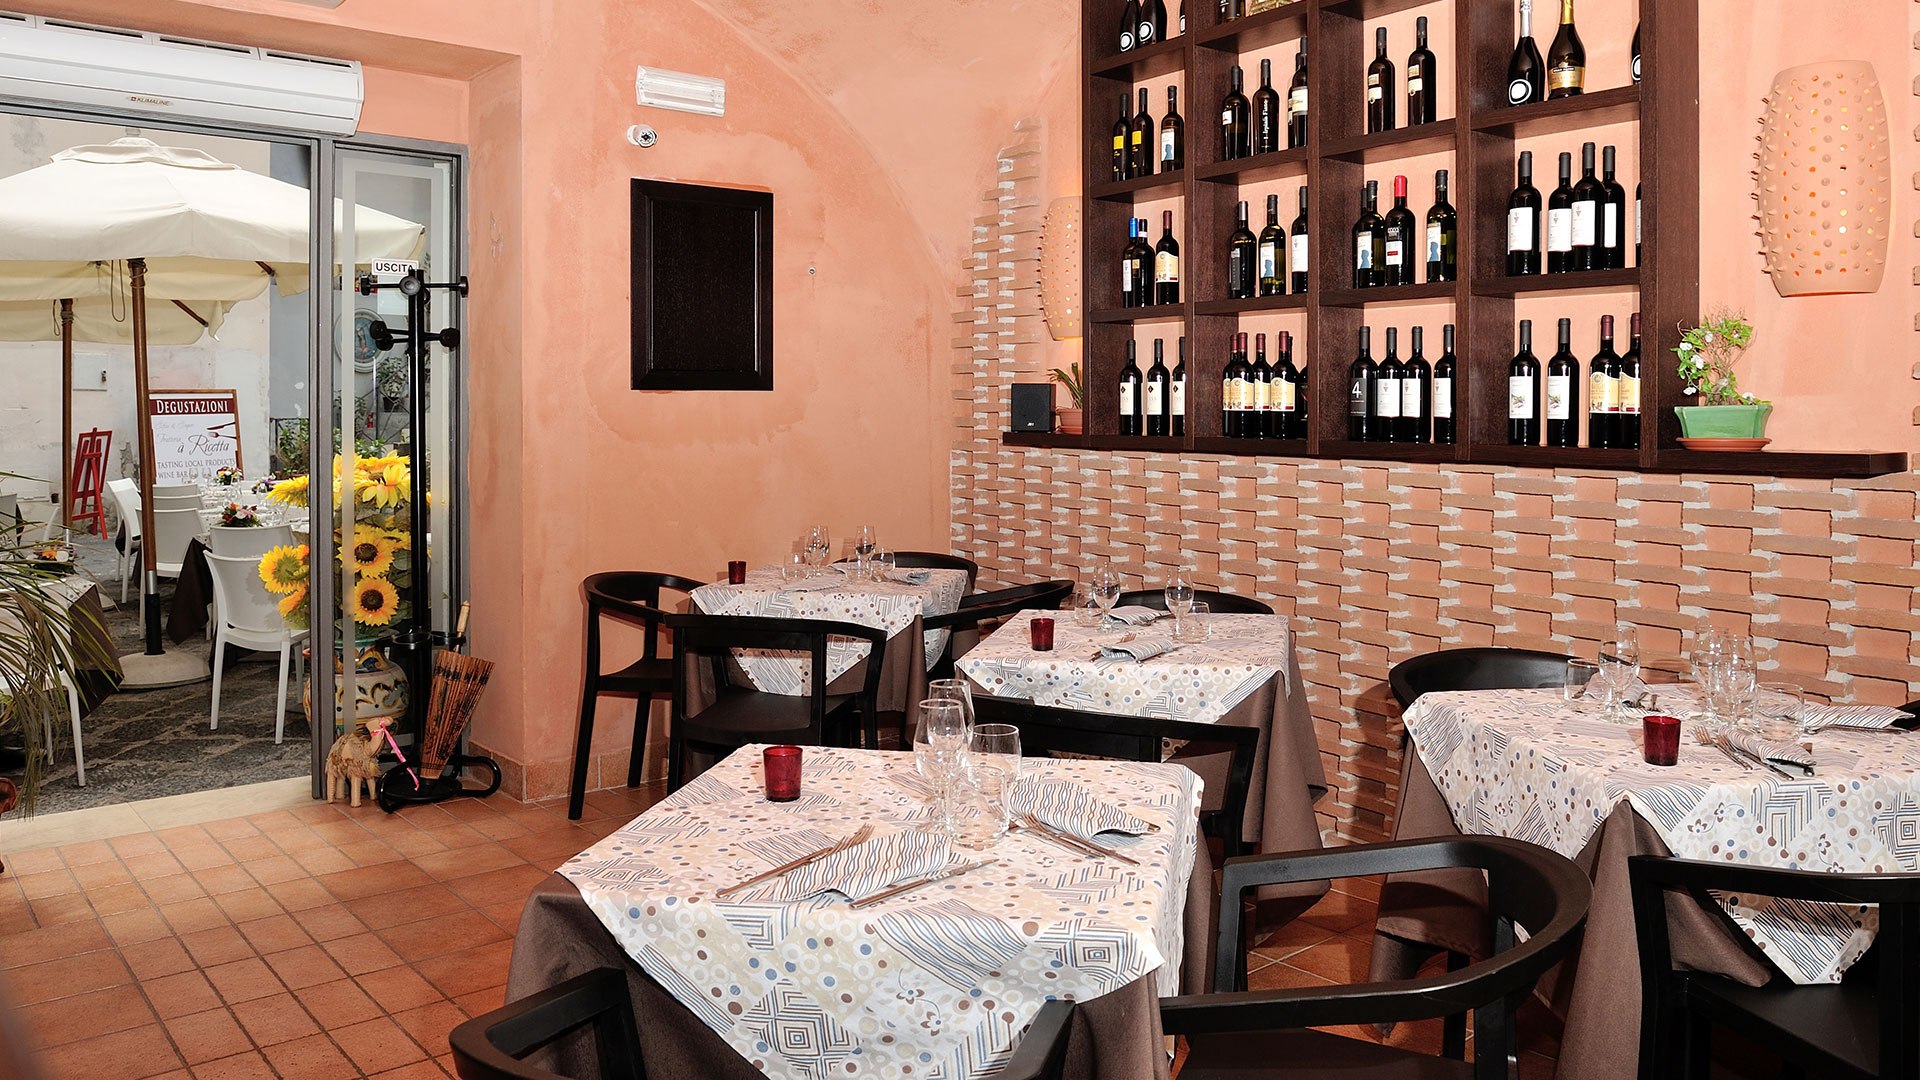 Referenze marchi e portfolio arredamenti e forniture for Arredamento ristorante rustico